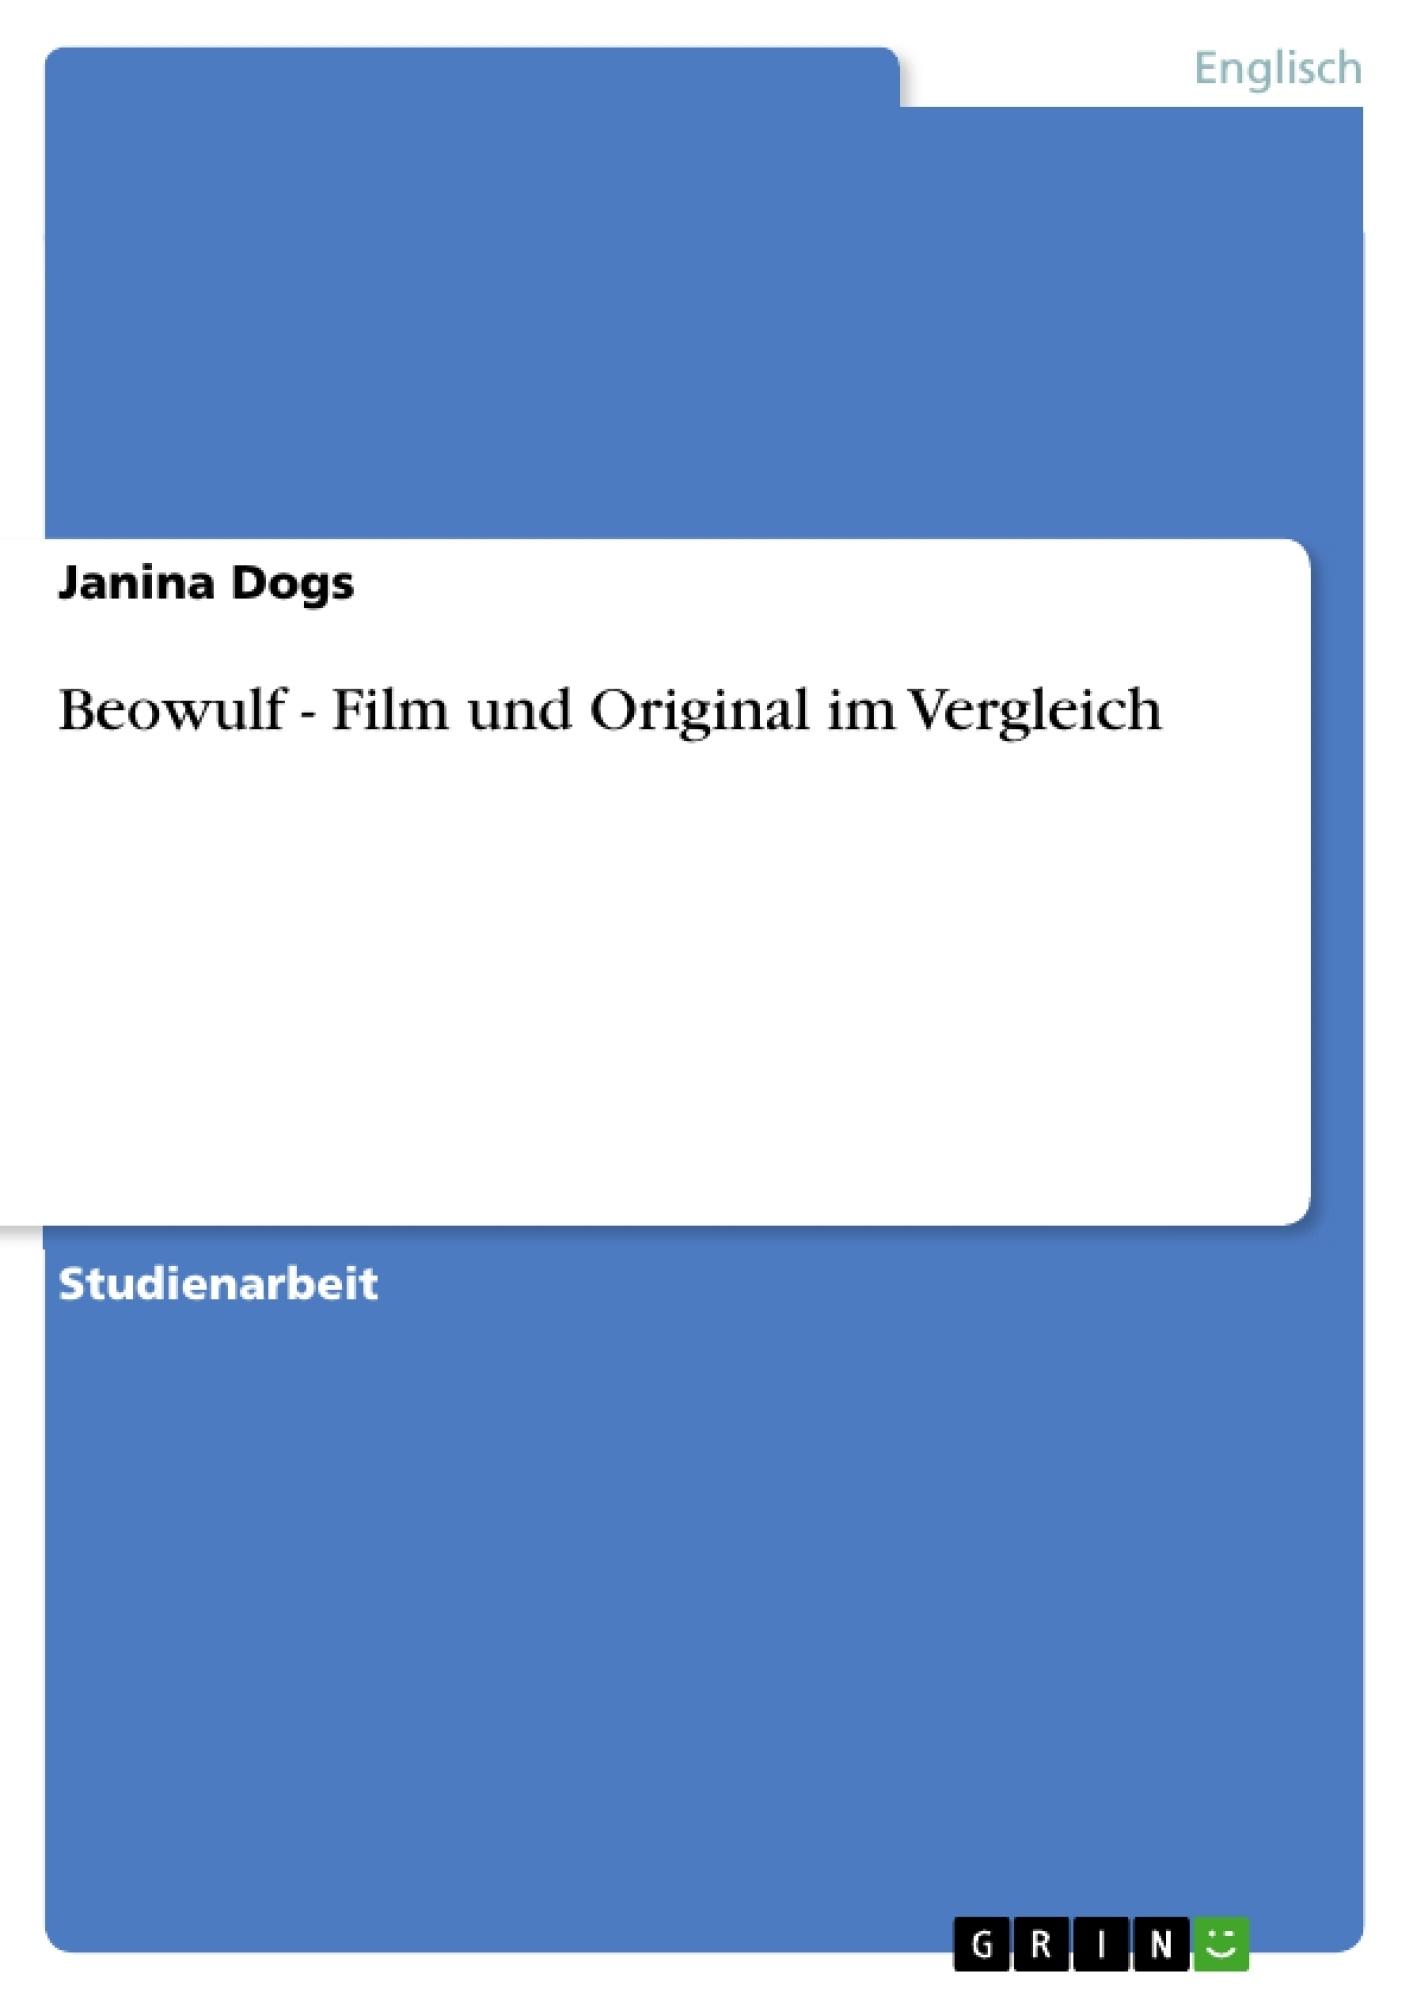 Titel: Beowulf - Film und Original im Vergleich